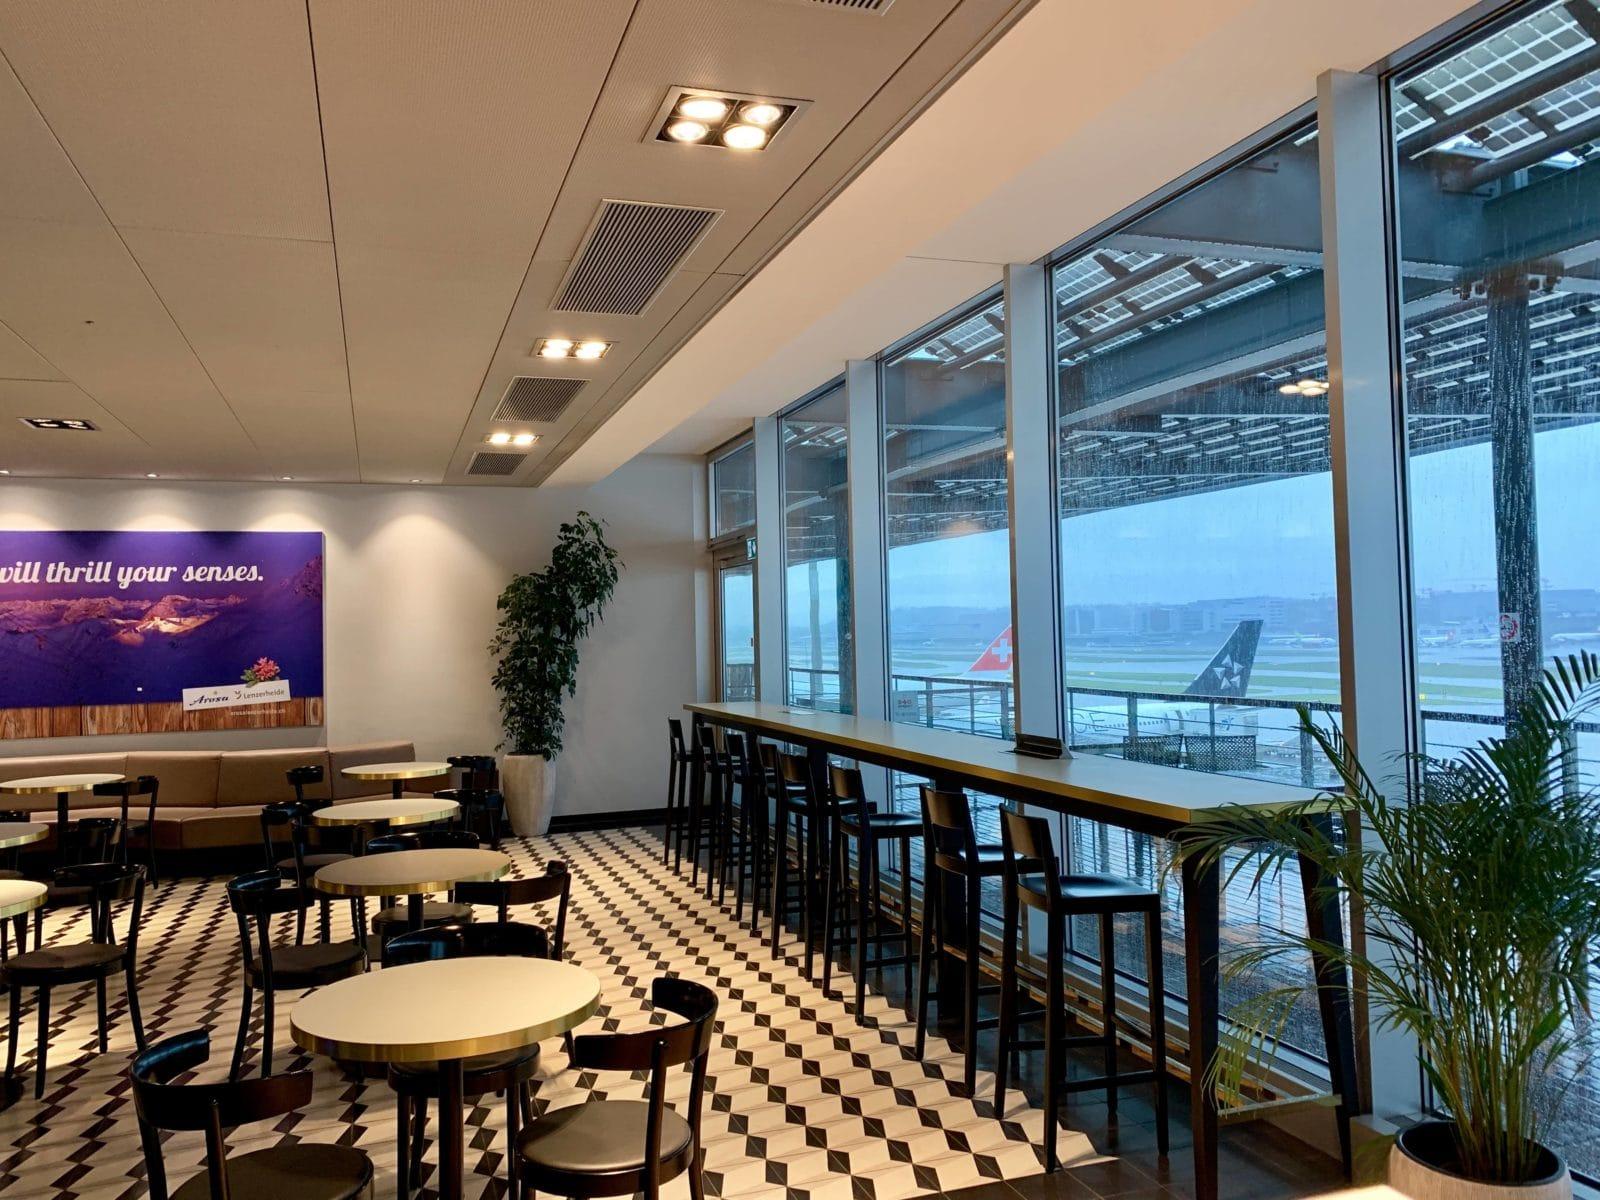 Aspire Lounge Zürich Terminal E - Eine von vielen Priority Pass Lounges